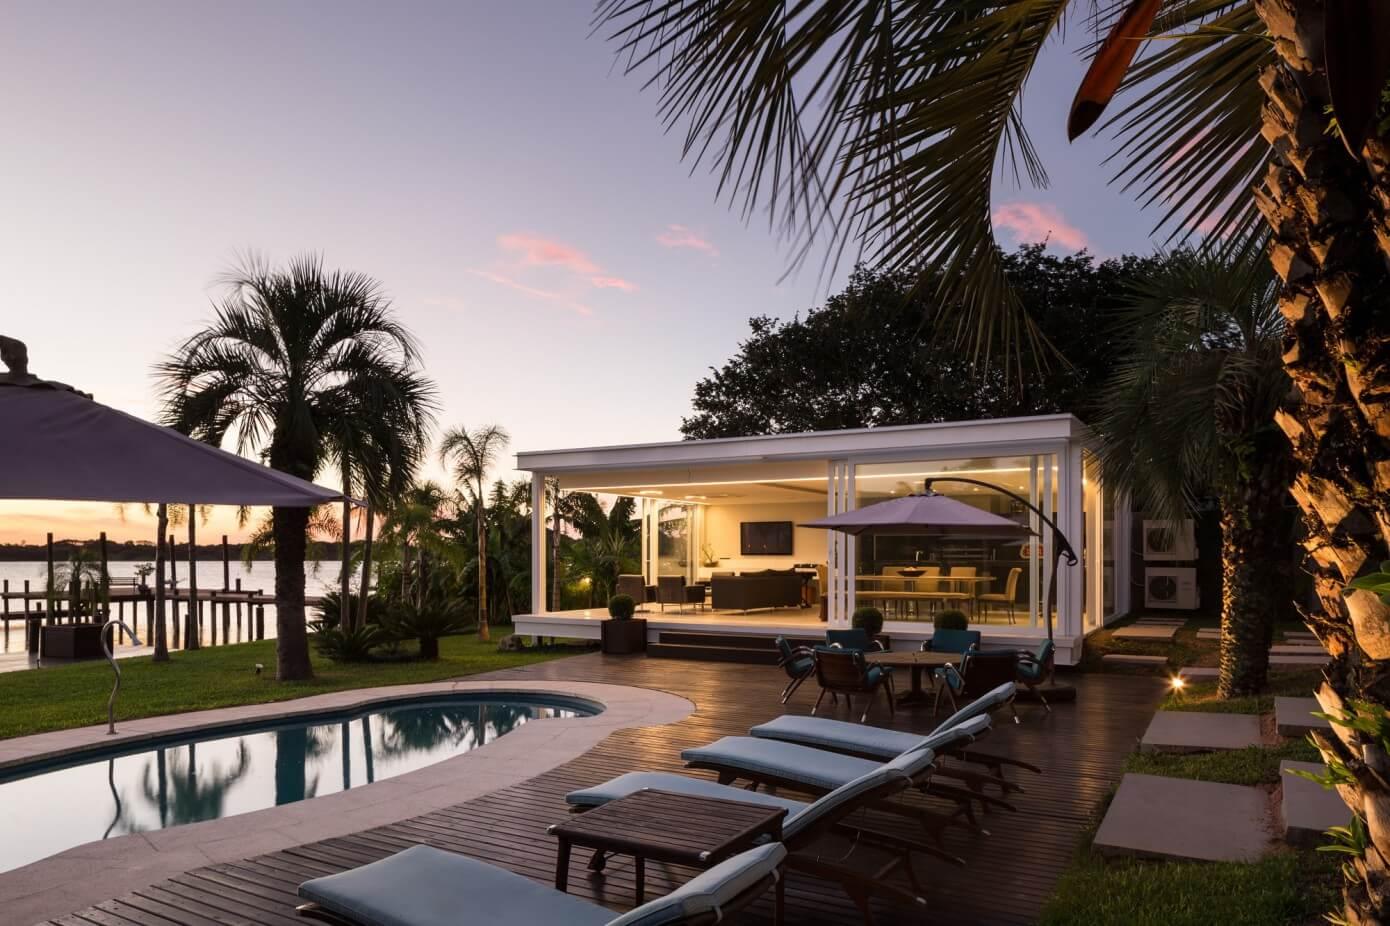 Pool House in Porto Alegre, Brazil by Kali Arquitetura